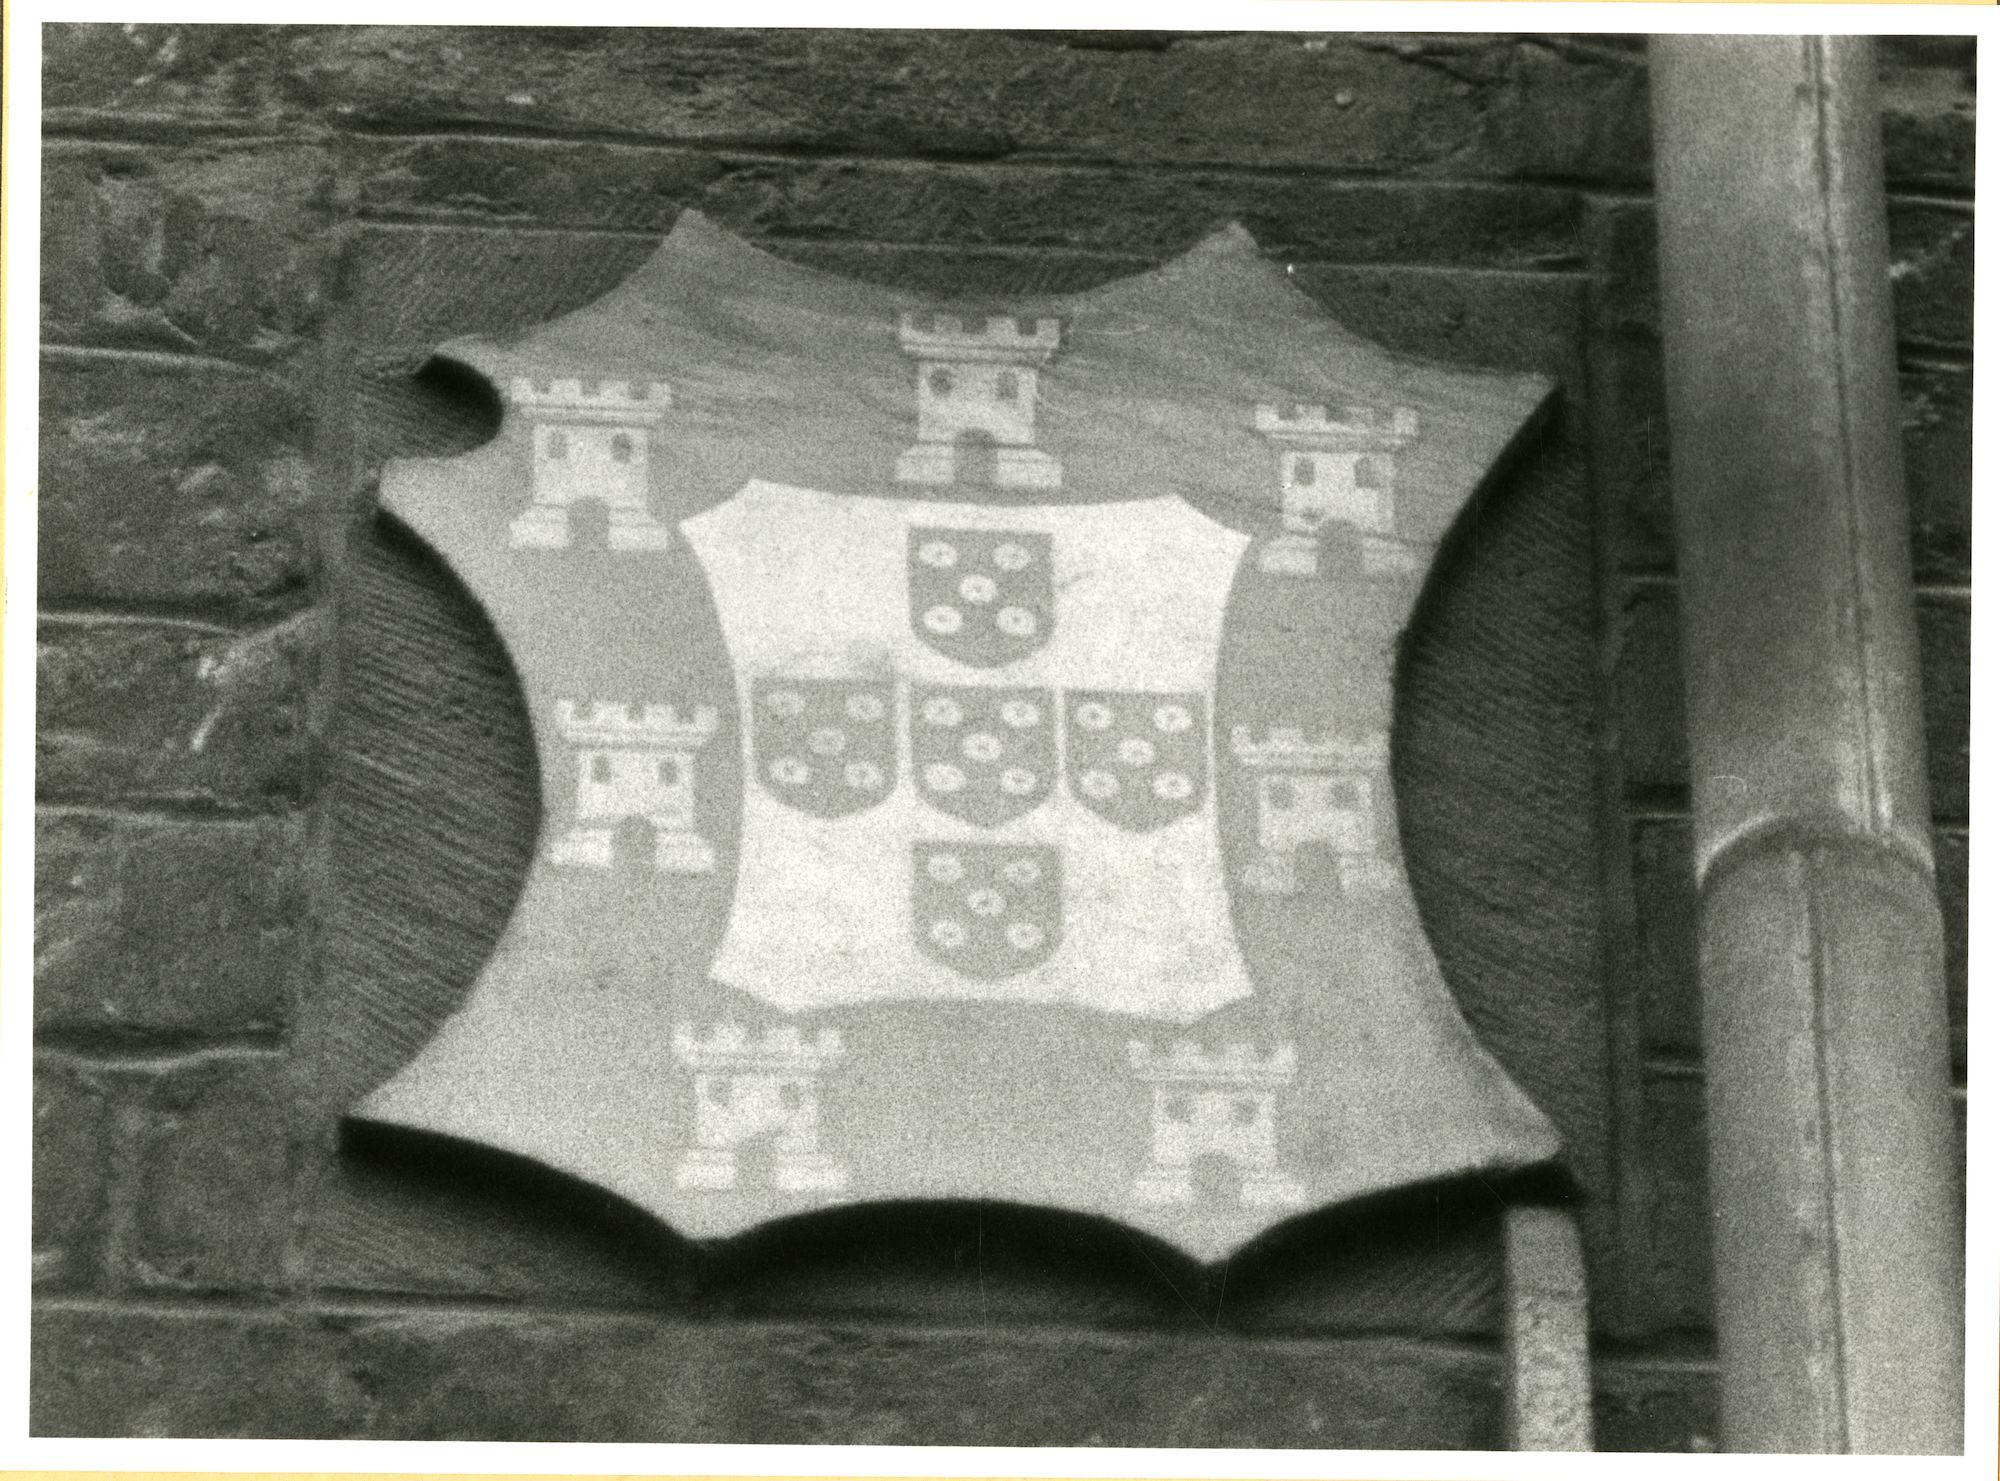 Gent: Hoogpoort: St-Jorishof: Cartouche: wapenschild van Portugal, 1979